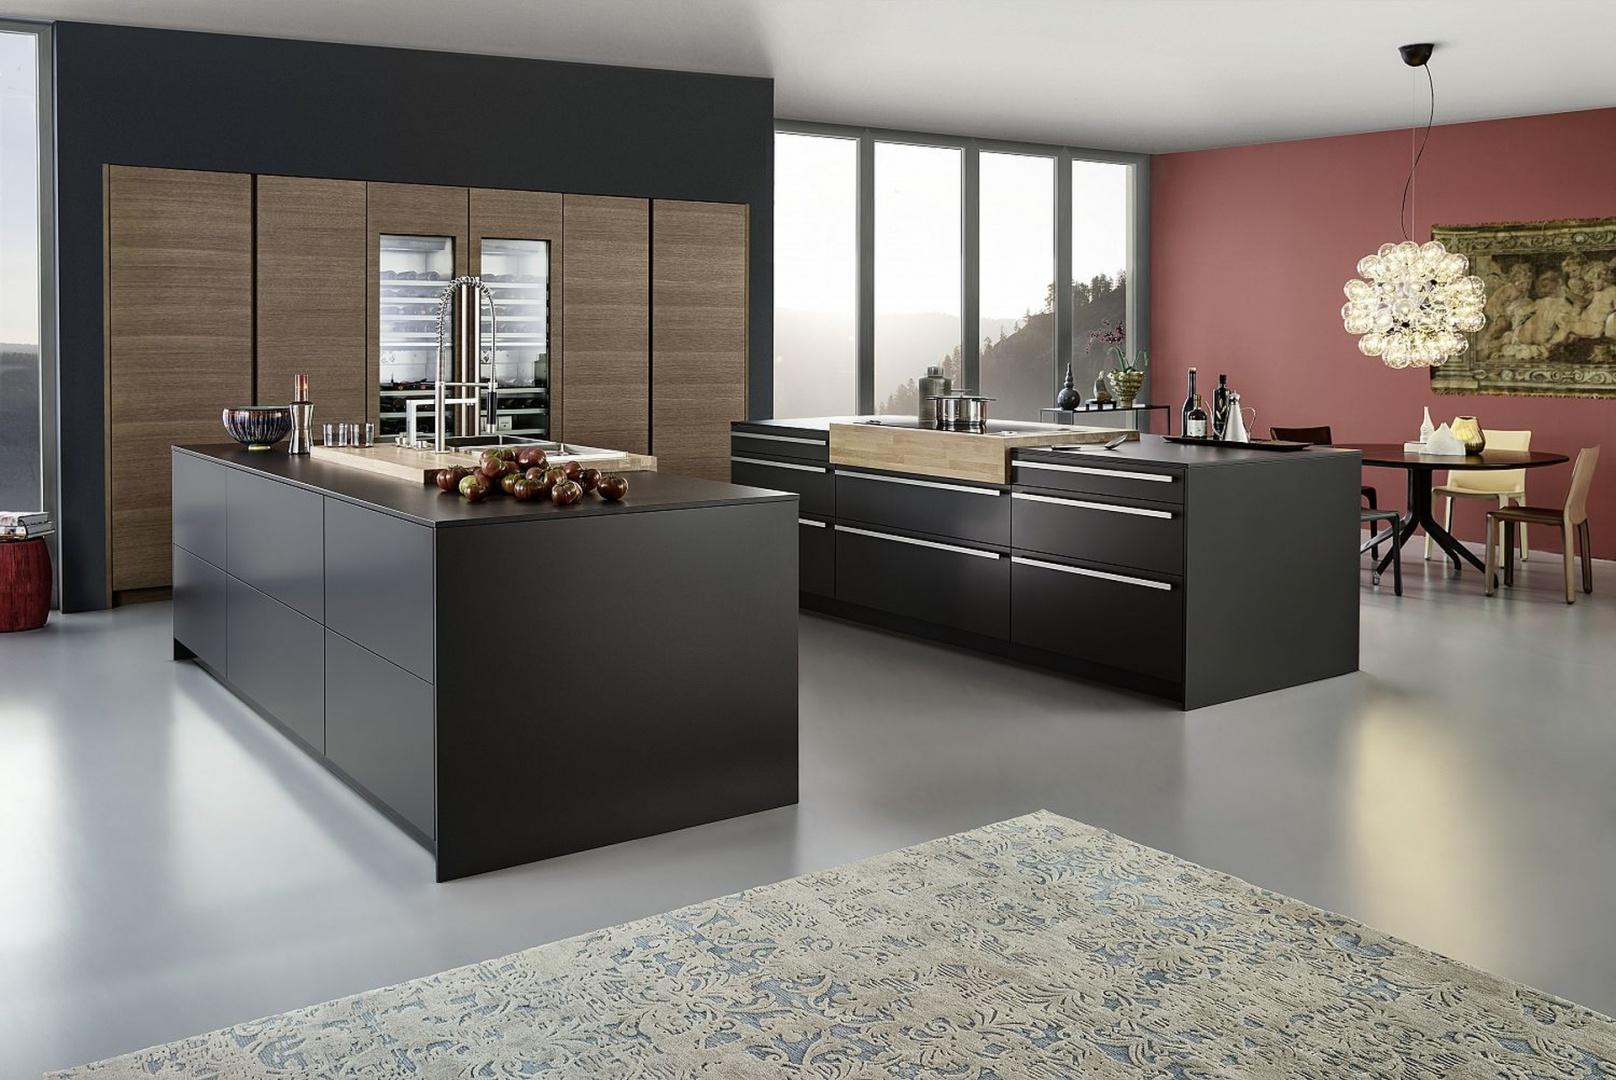 Kuchnia BONDI|TOPOS to geometryczna symetria i czyste linie ubrane w dwa kolory: grafit w wysokim macie i przyjemną barwę naturalnego dębowego forniru. Leicht Küchen